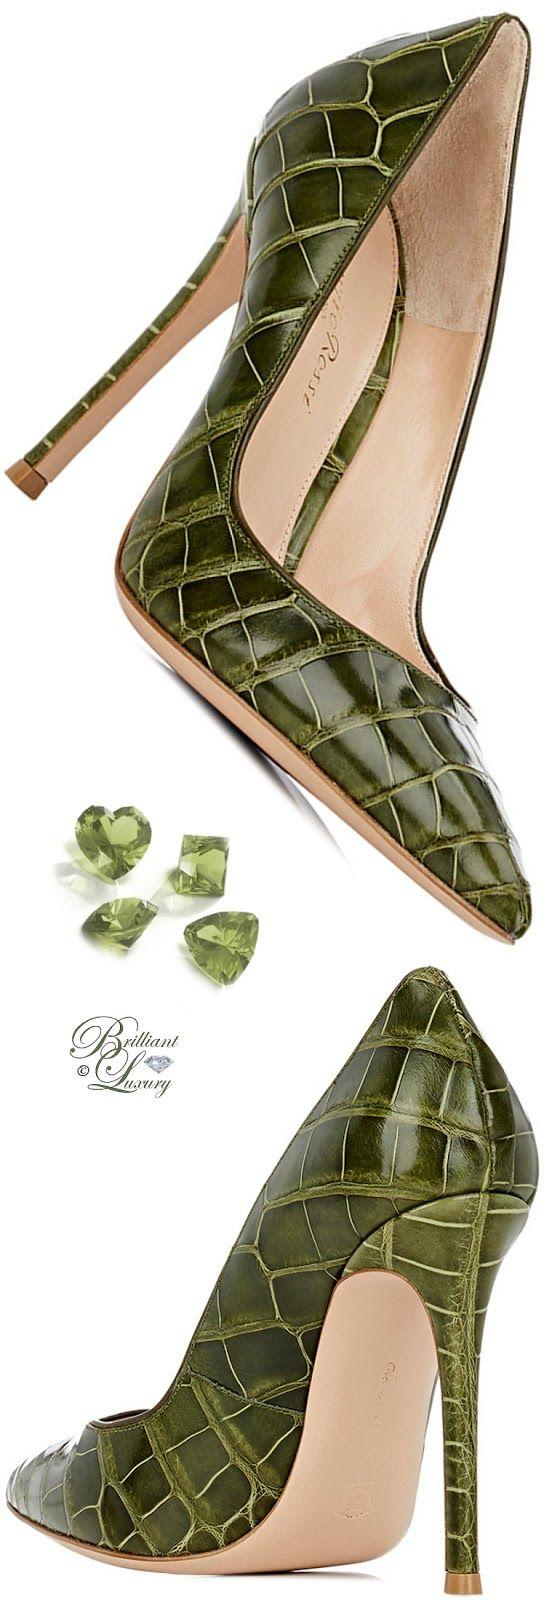 Brilliant Luxury by Emmy DE ♦ Gianvito Rossi 'Gianvito' Alligator Pumps